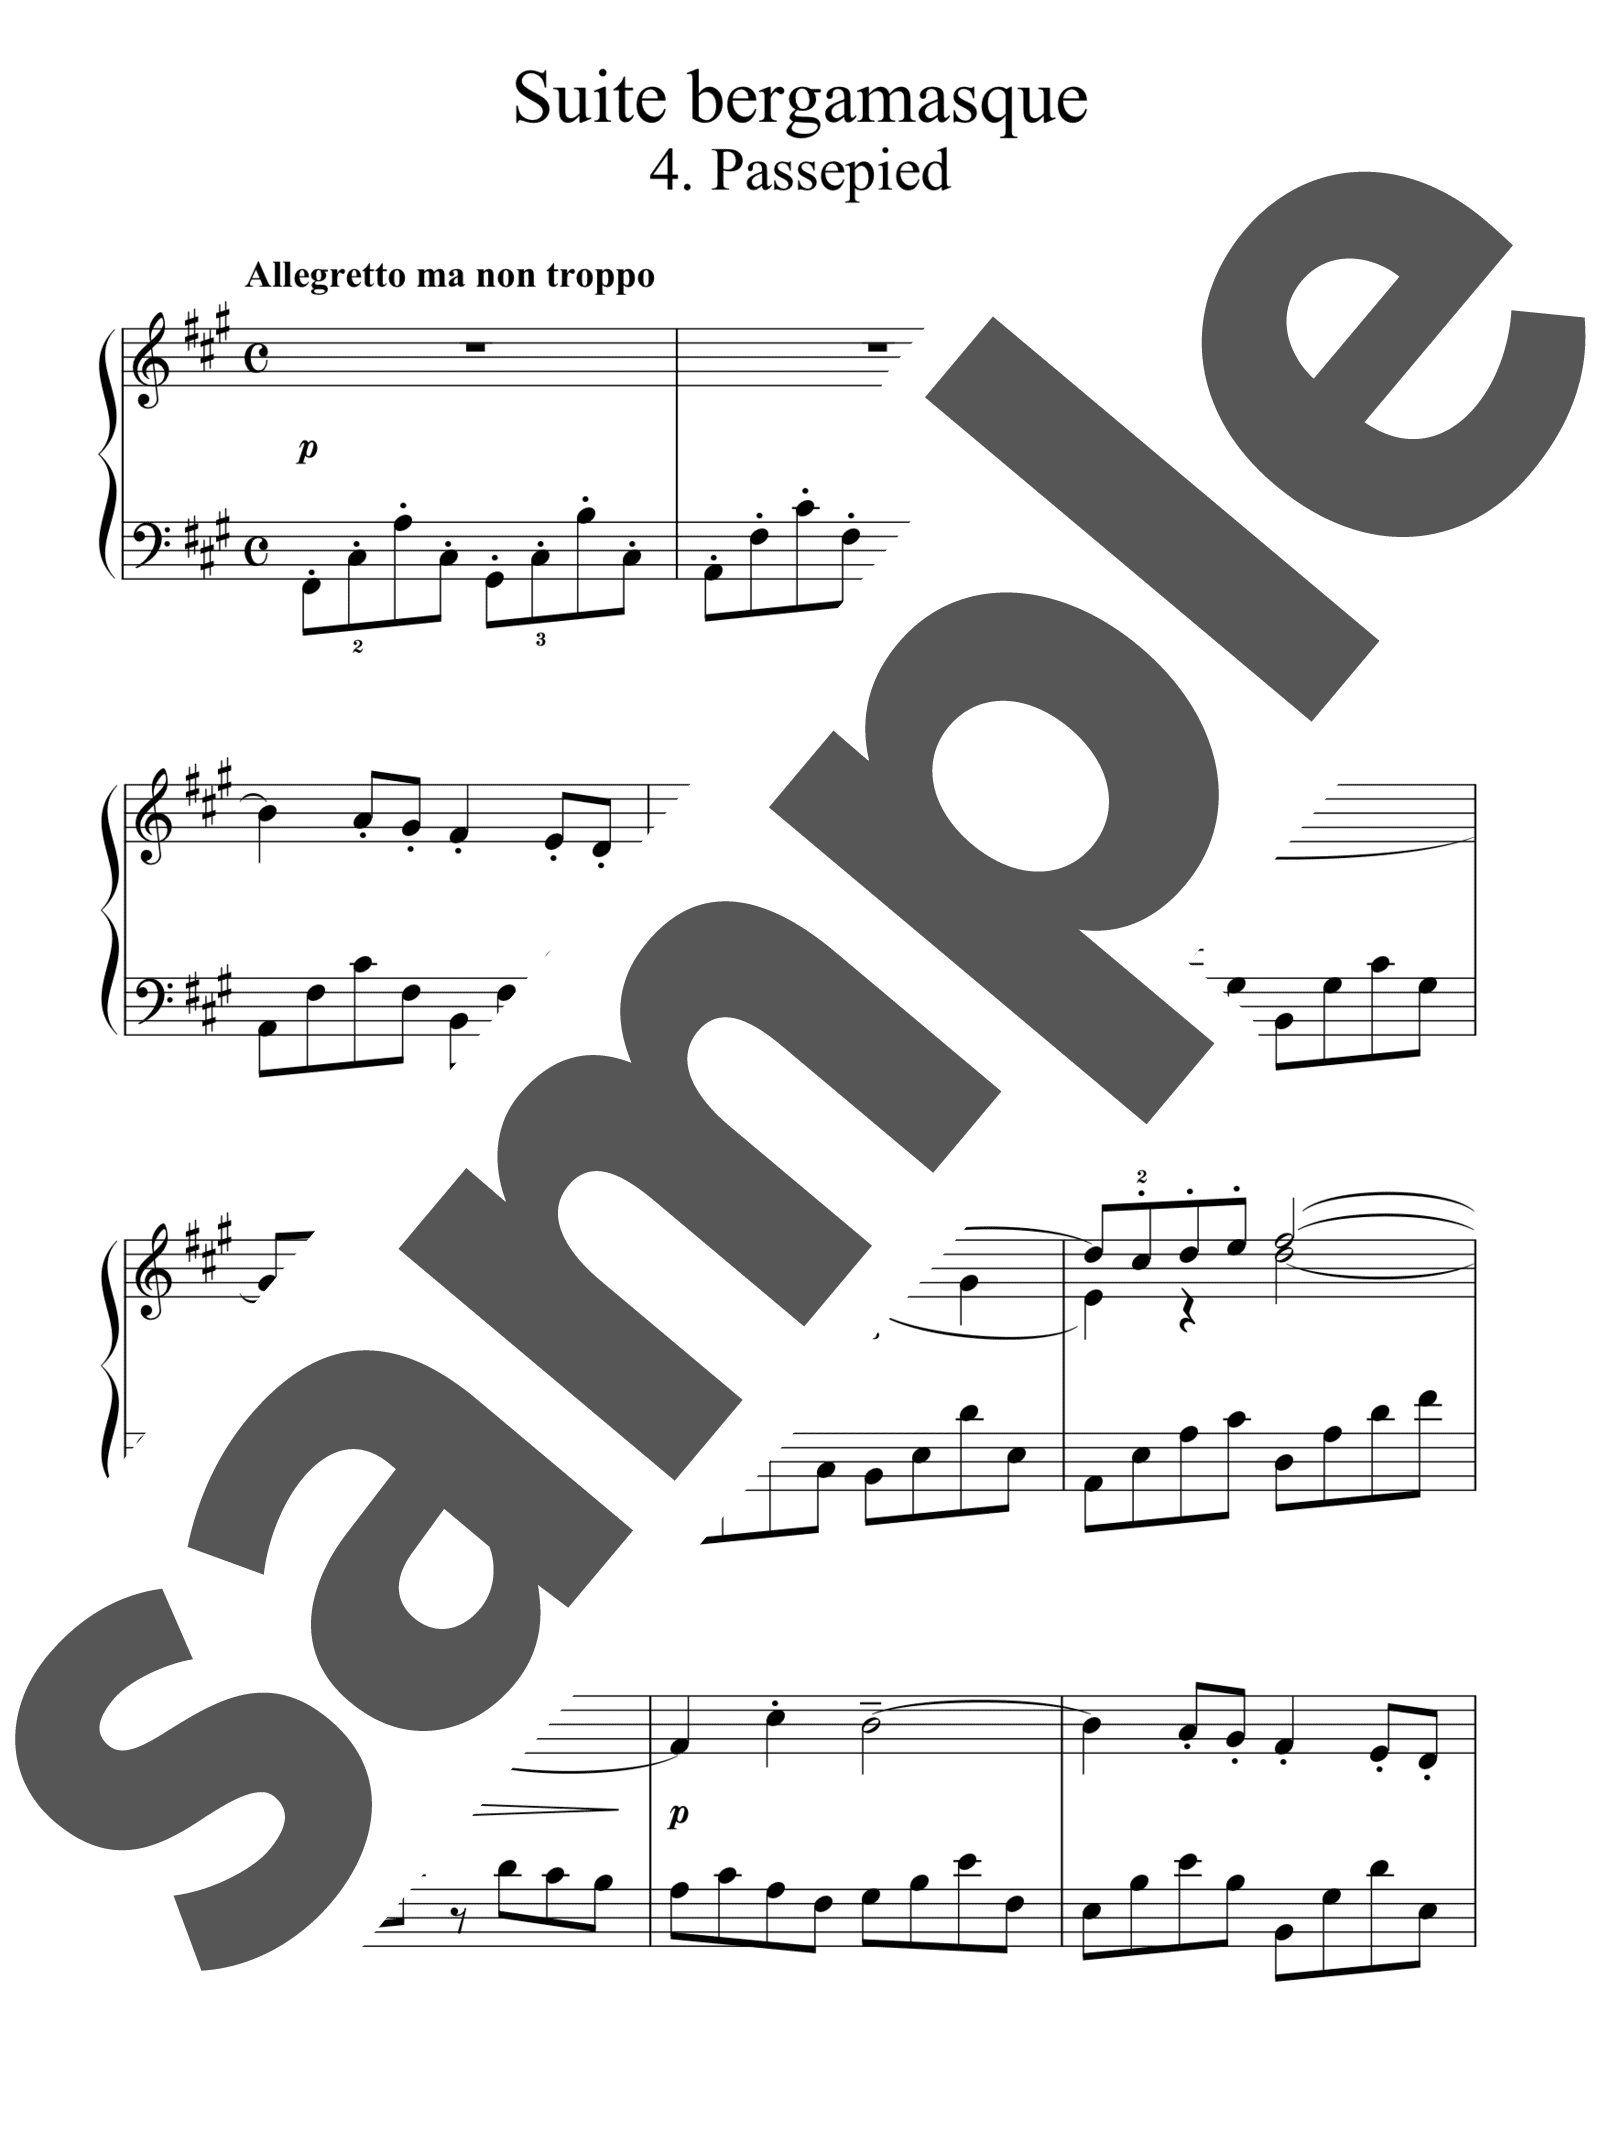 「「ベルガマスク組曲」よりパスピエ」のサンプル楽譜